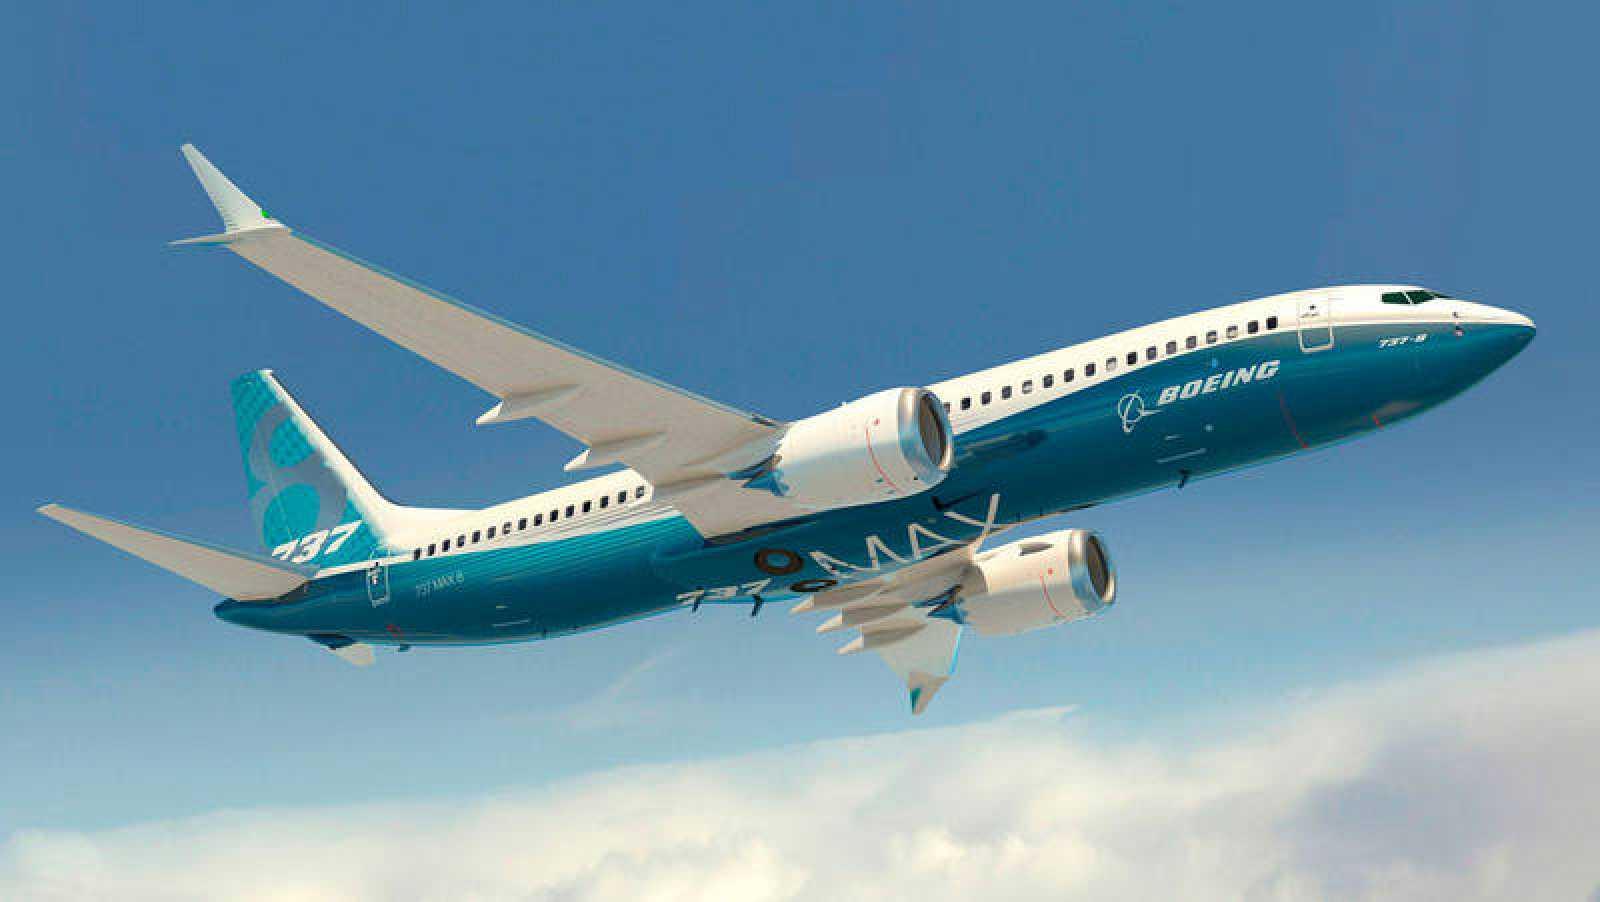 El 737 Max, uno de los modelos estrella de Boeing, ha sufrido dos accidentes fatales en menos de cinco meses.